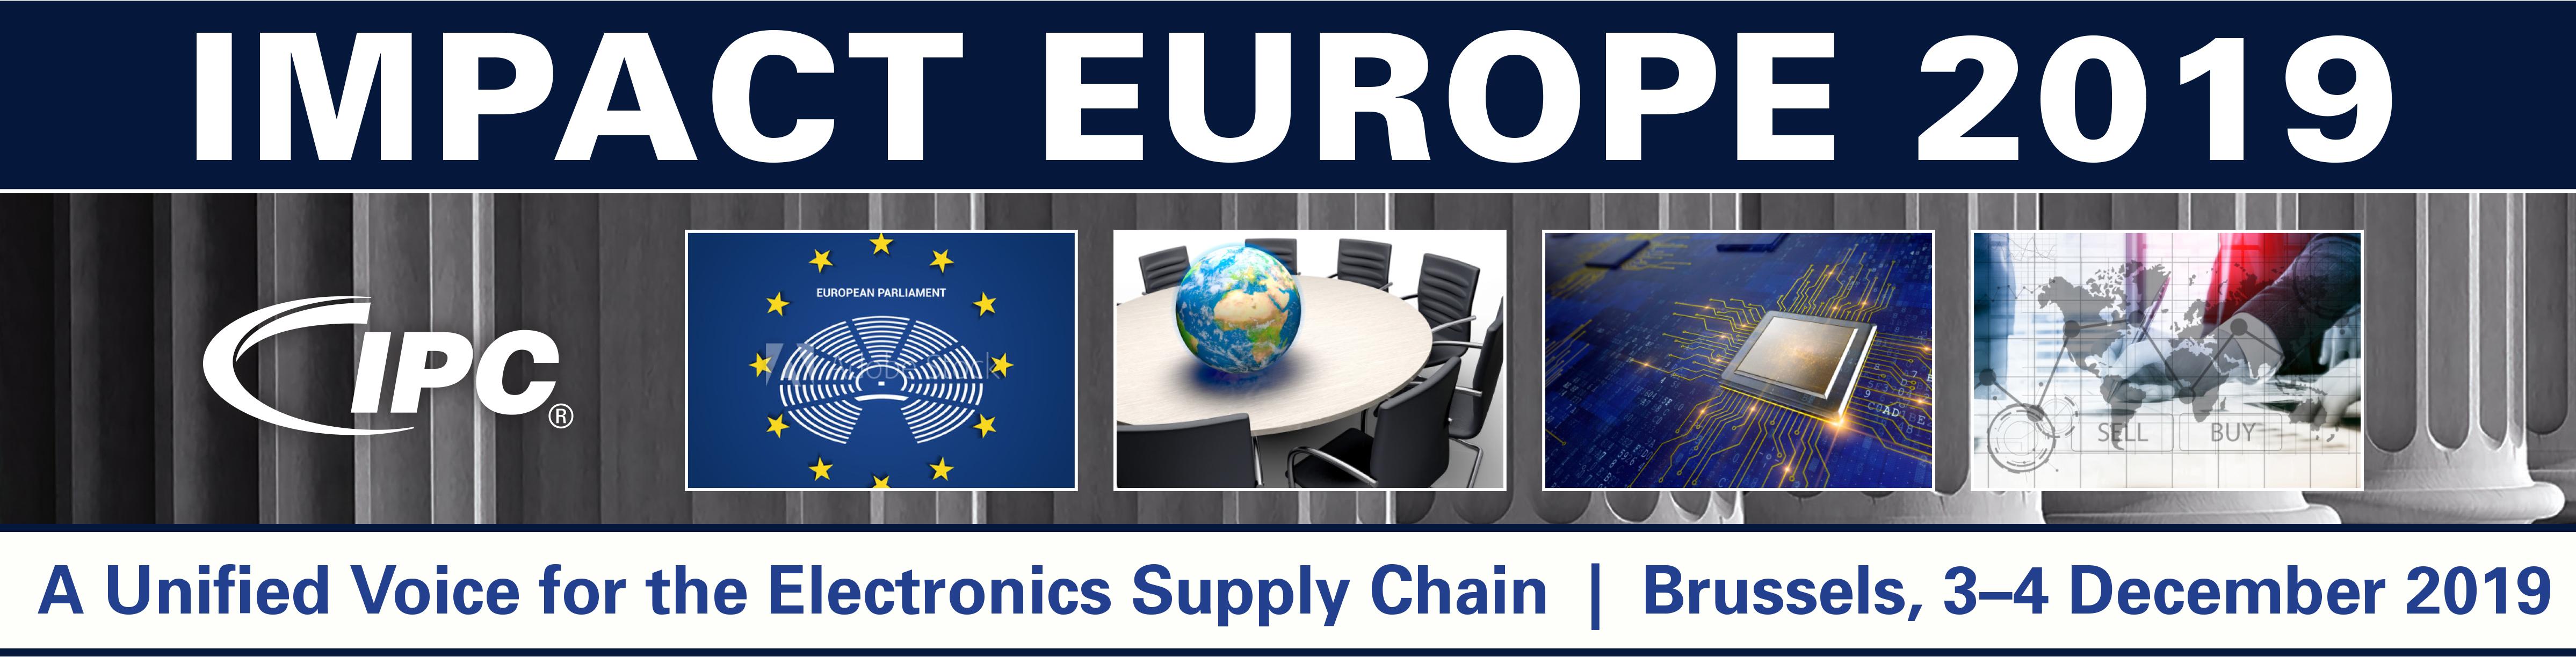 IMPACT Europe 2019